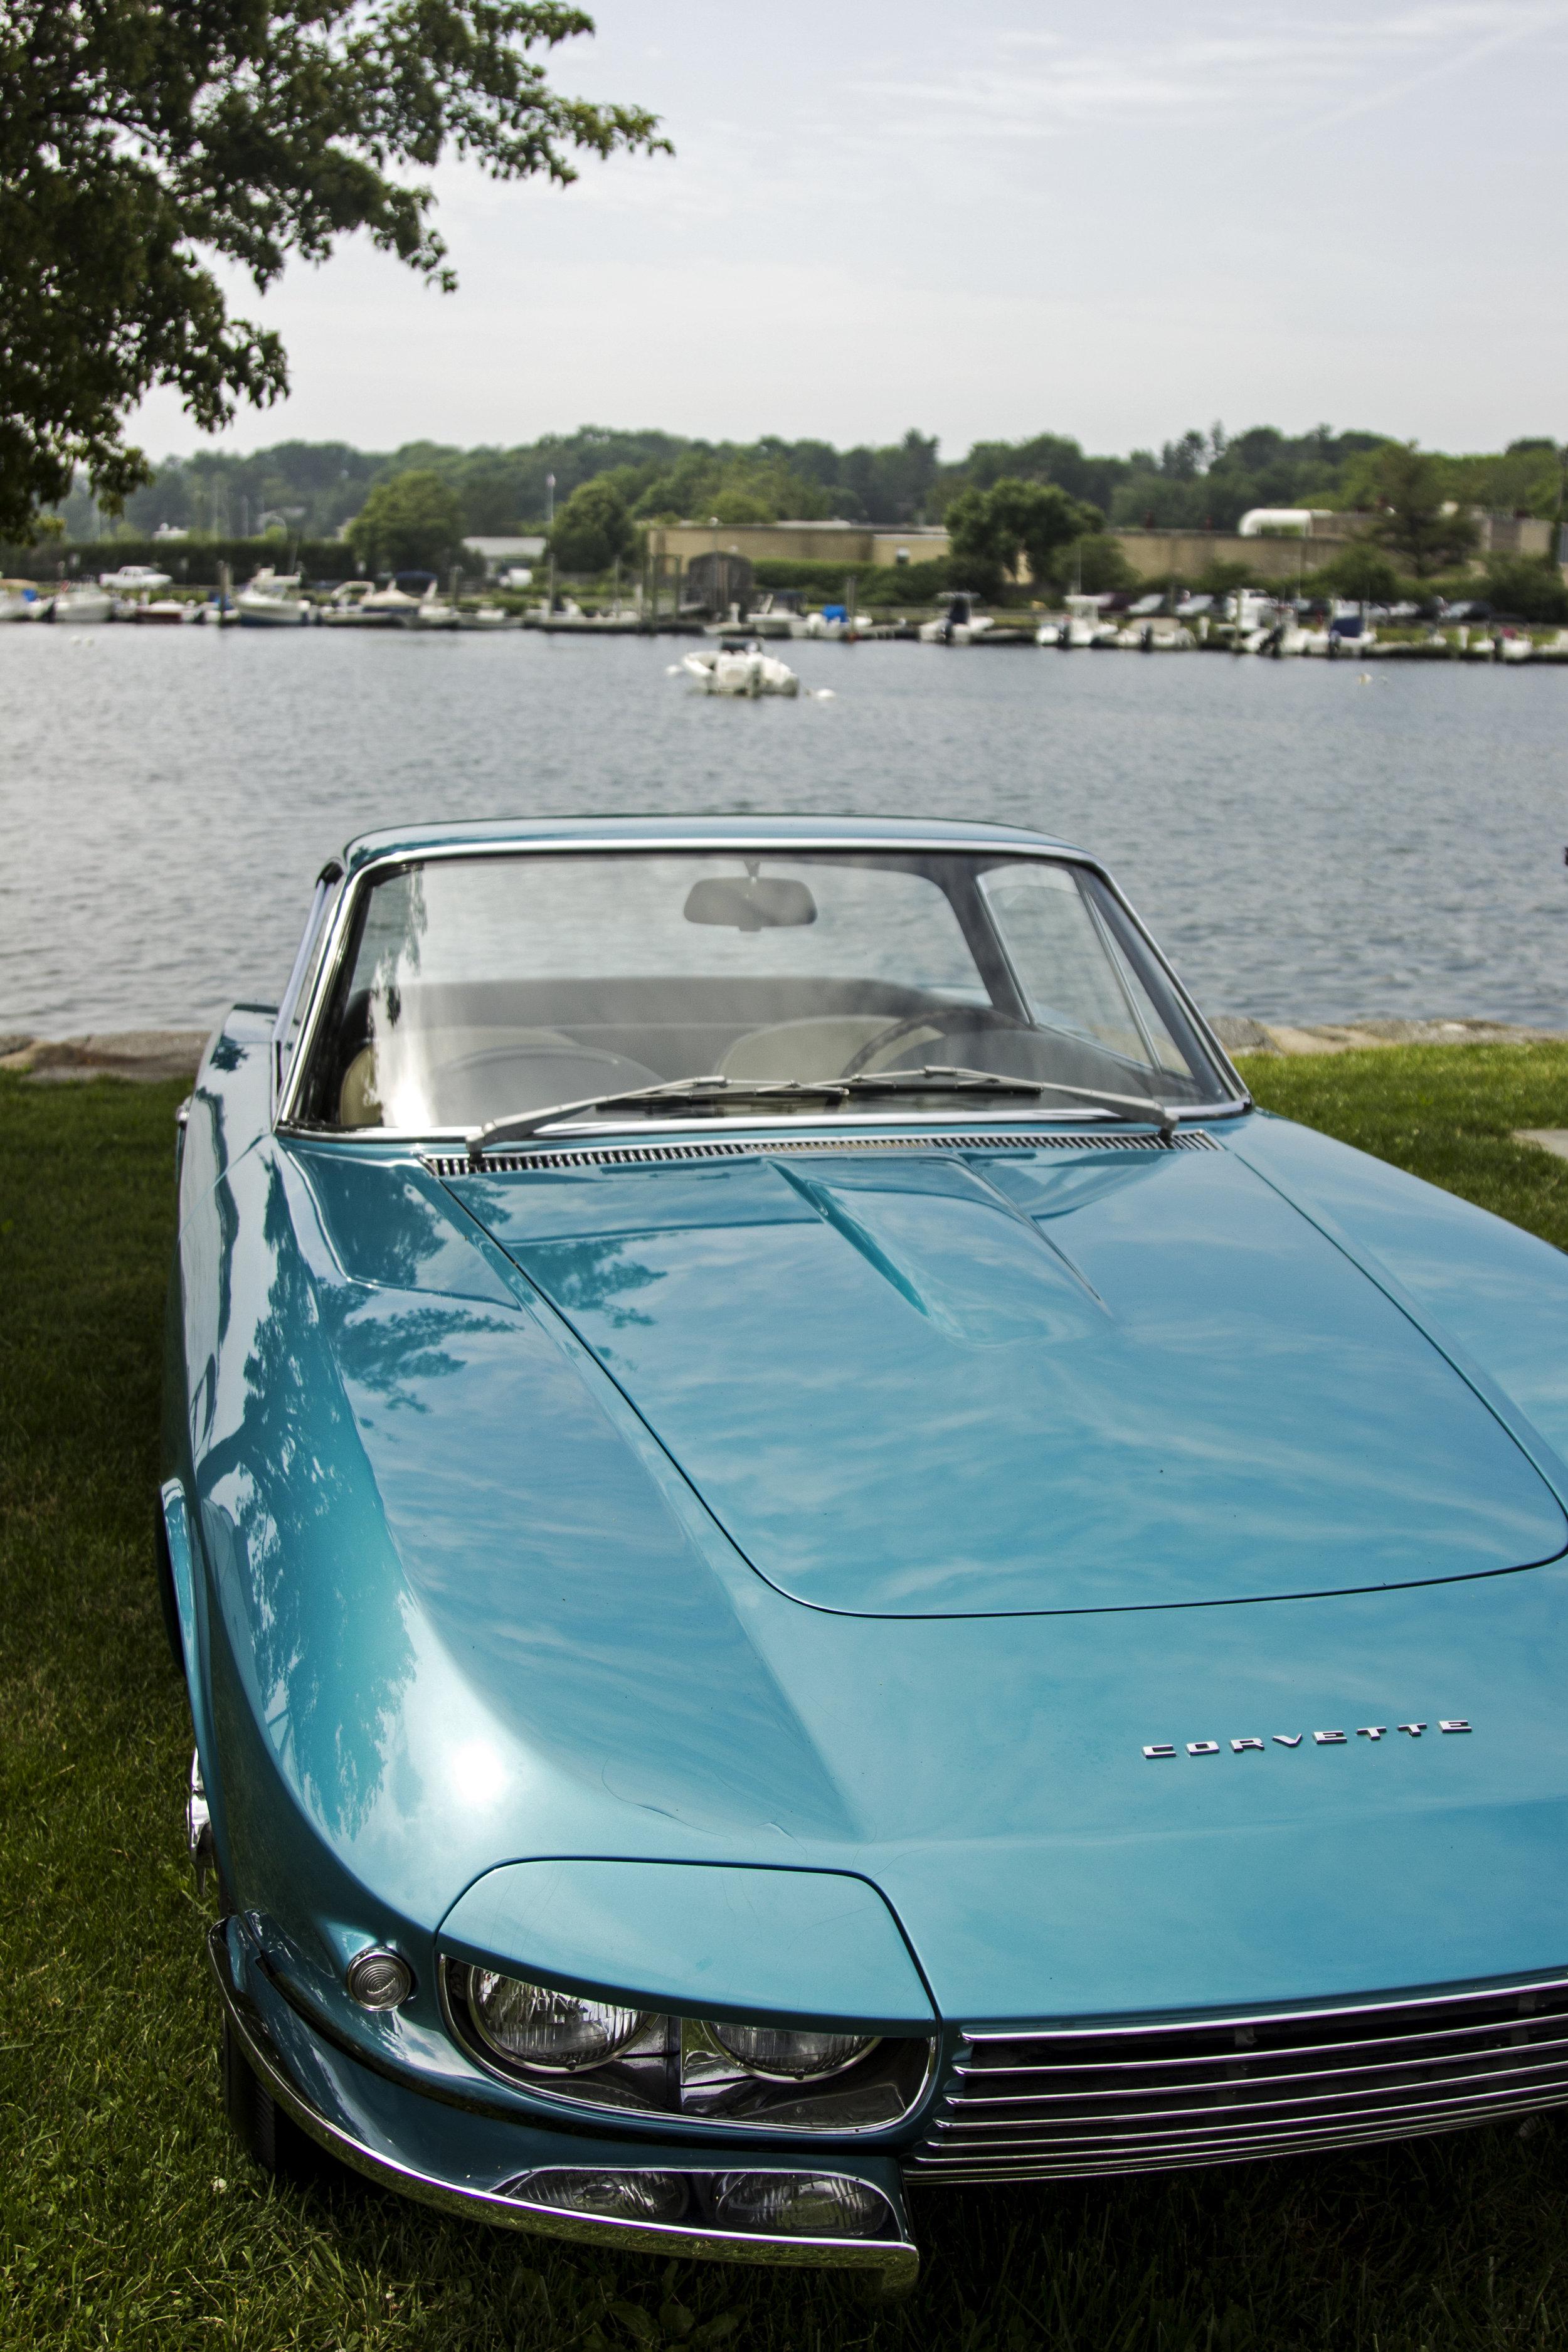 ble corvette12.jpg